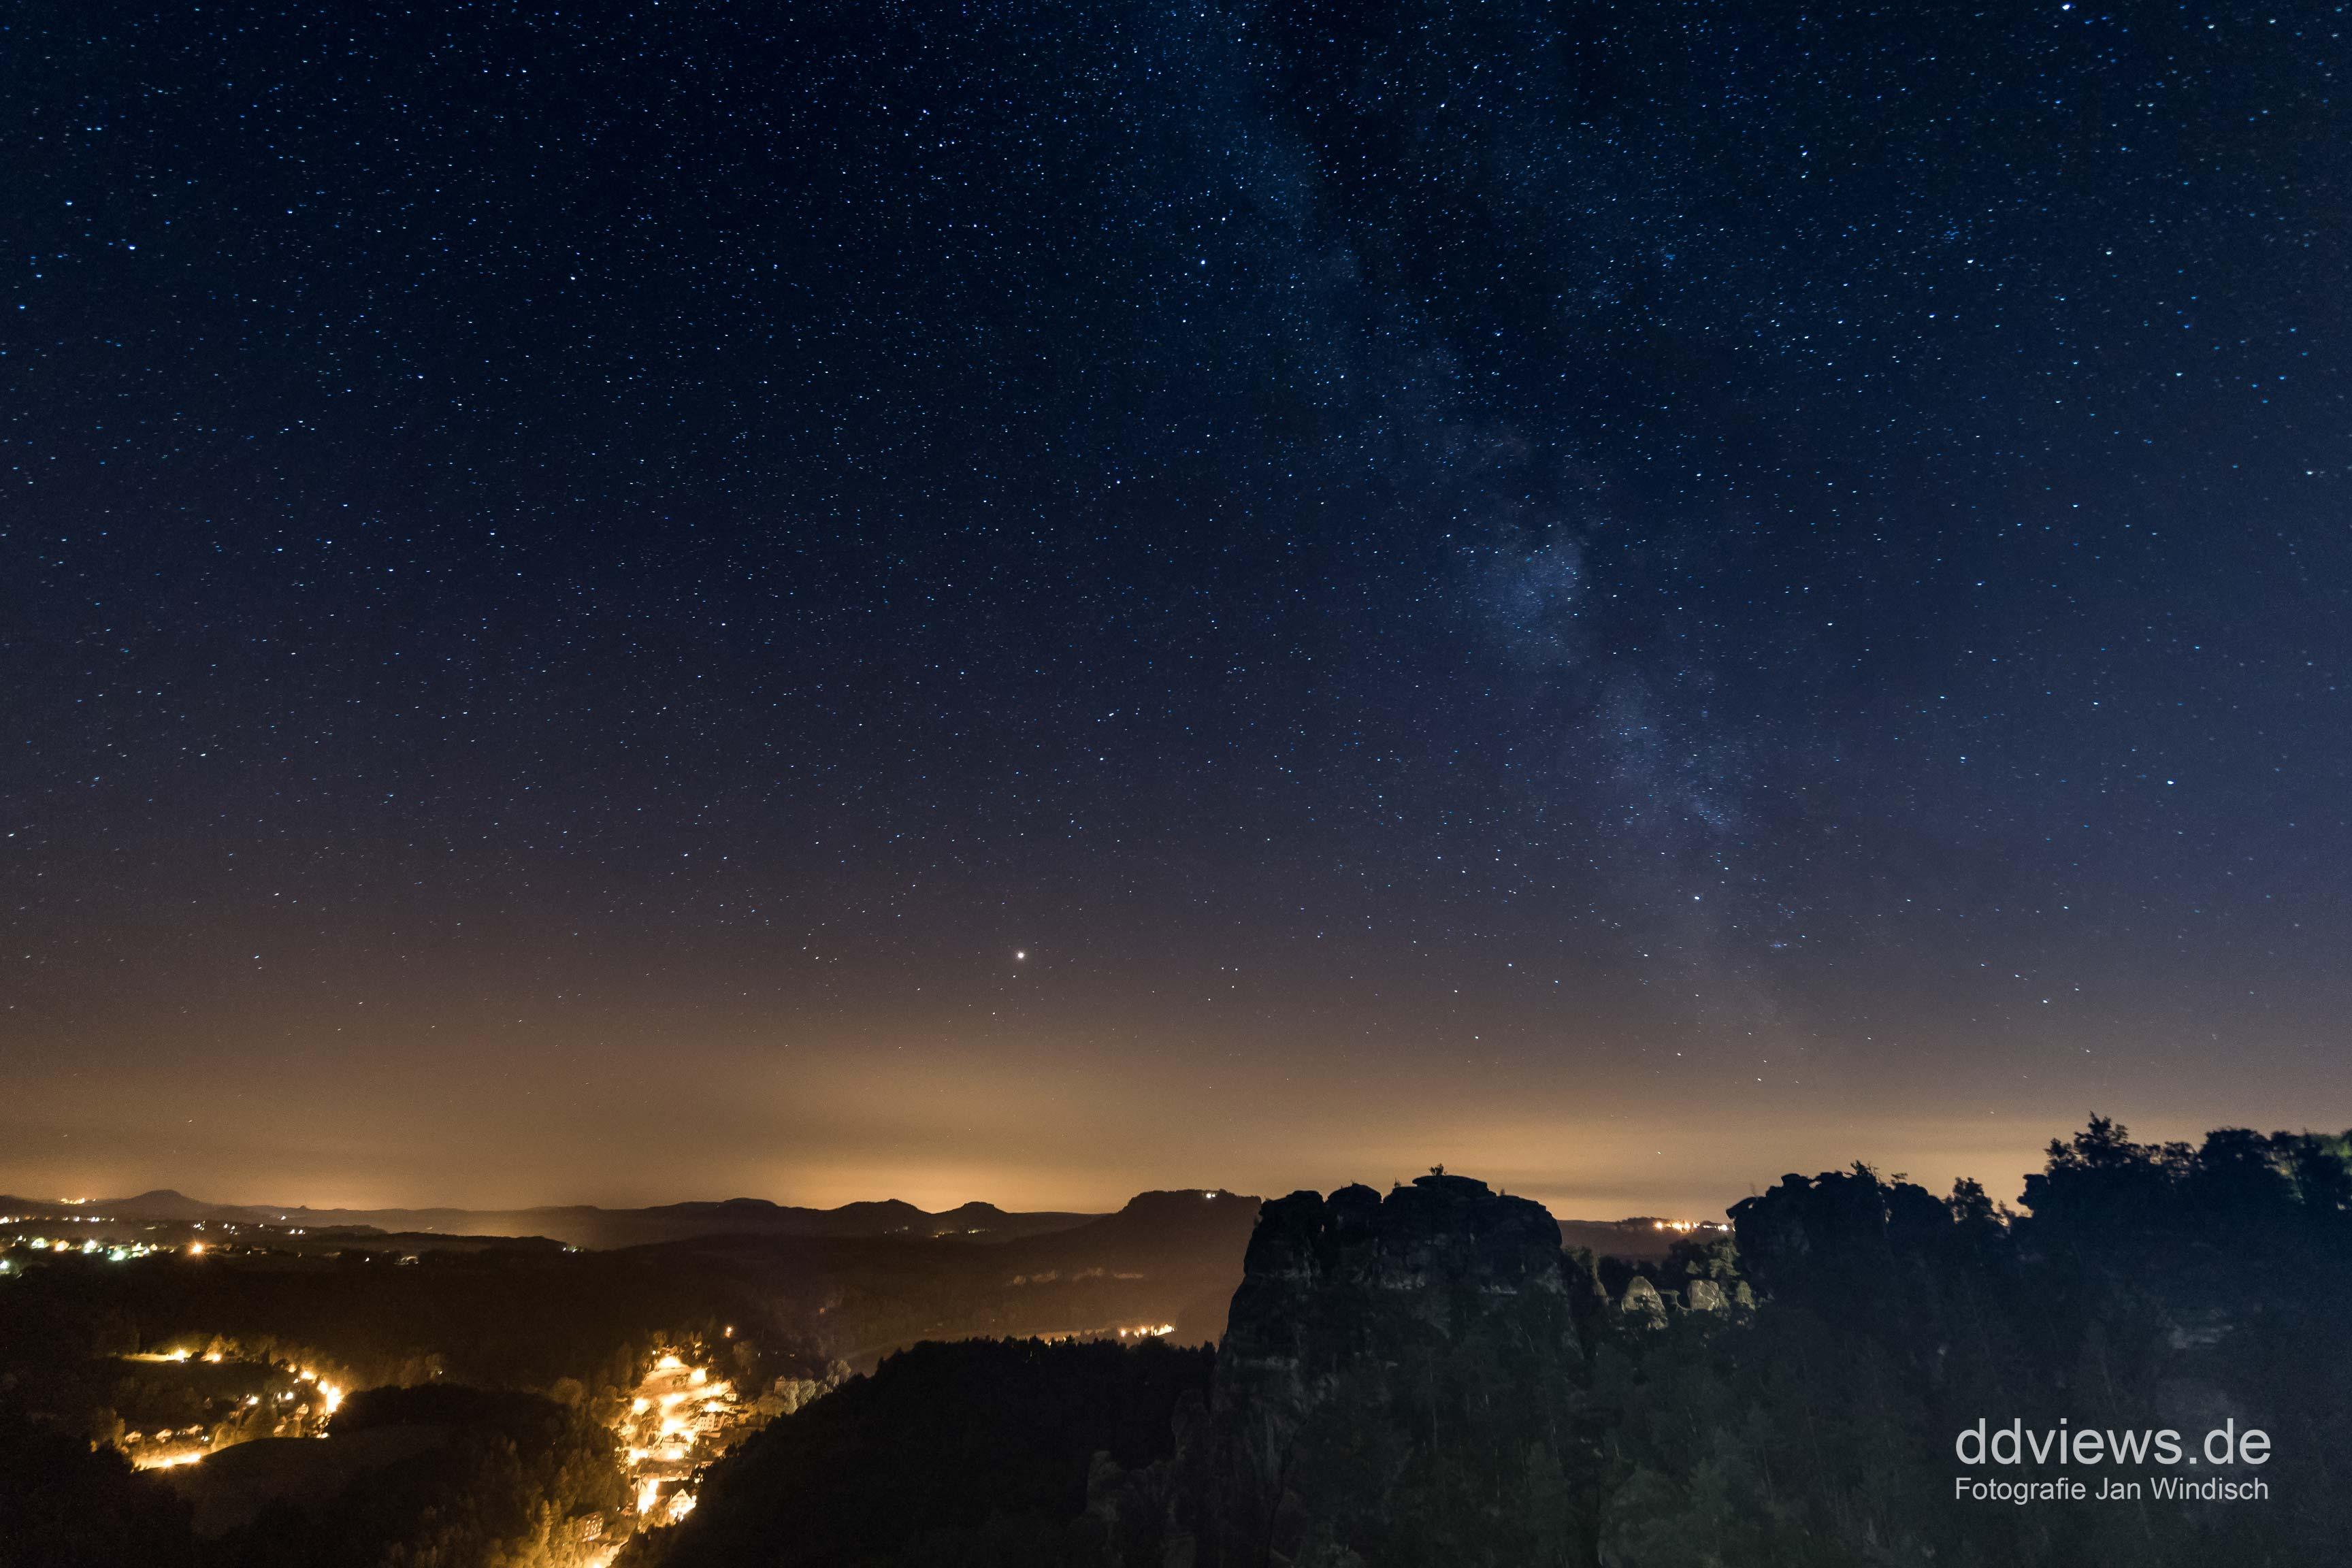 Sternenfotografie - Milchstraße an der Bastei